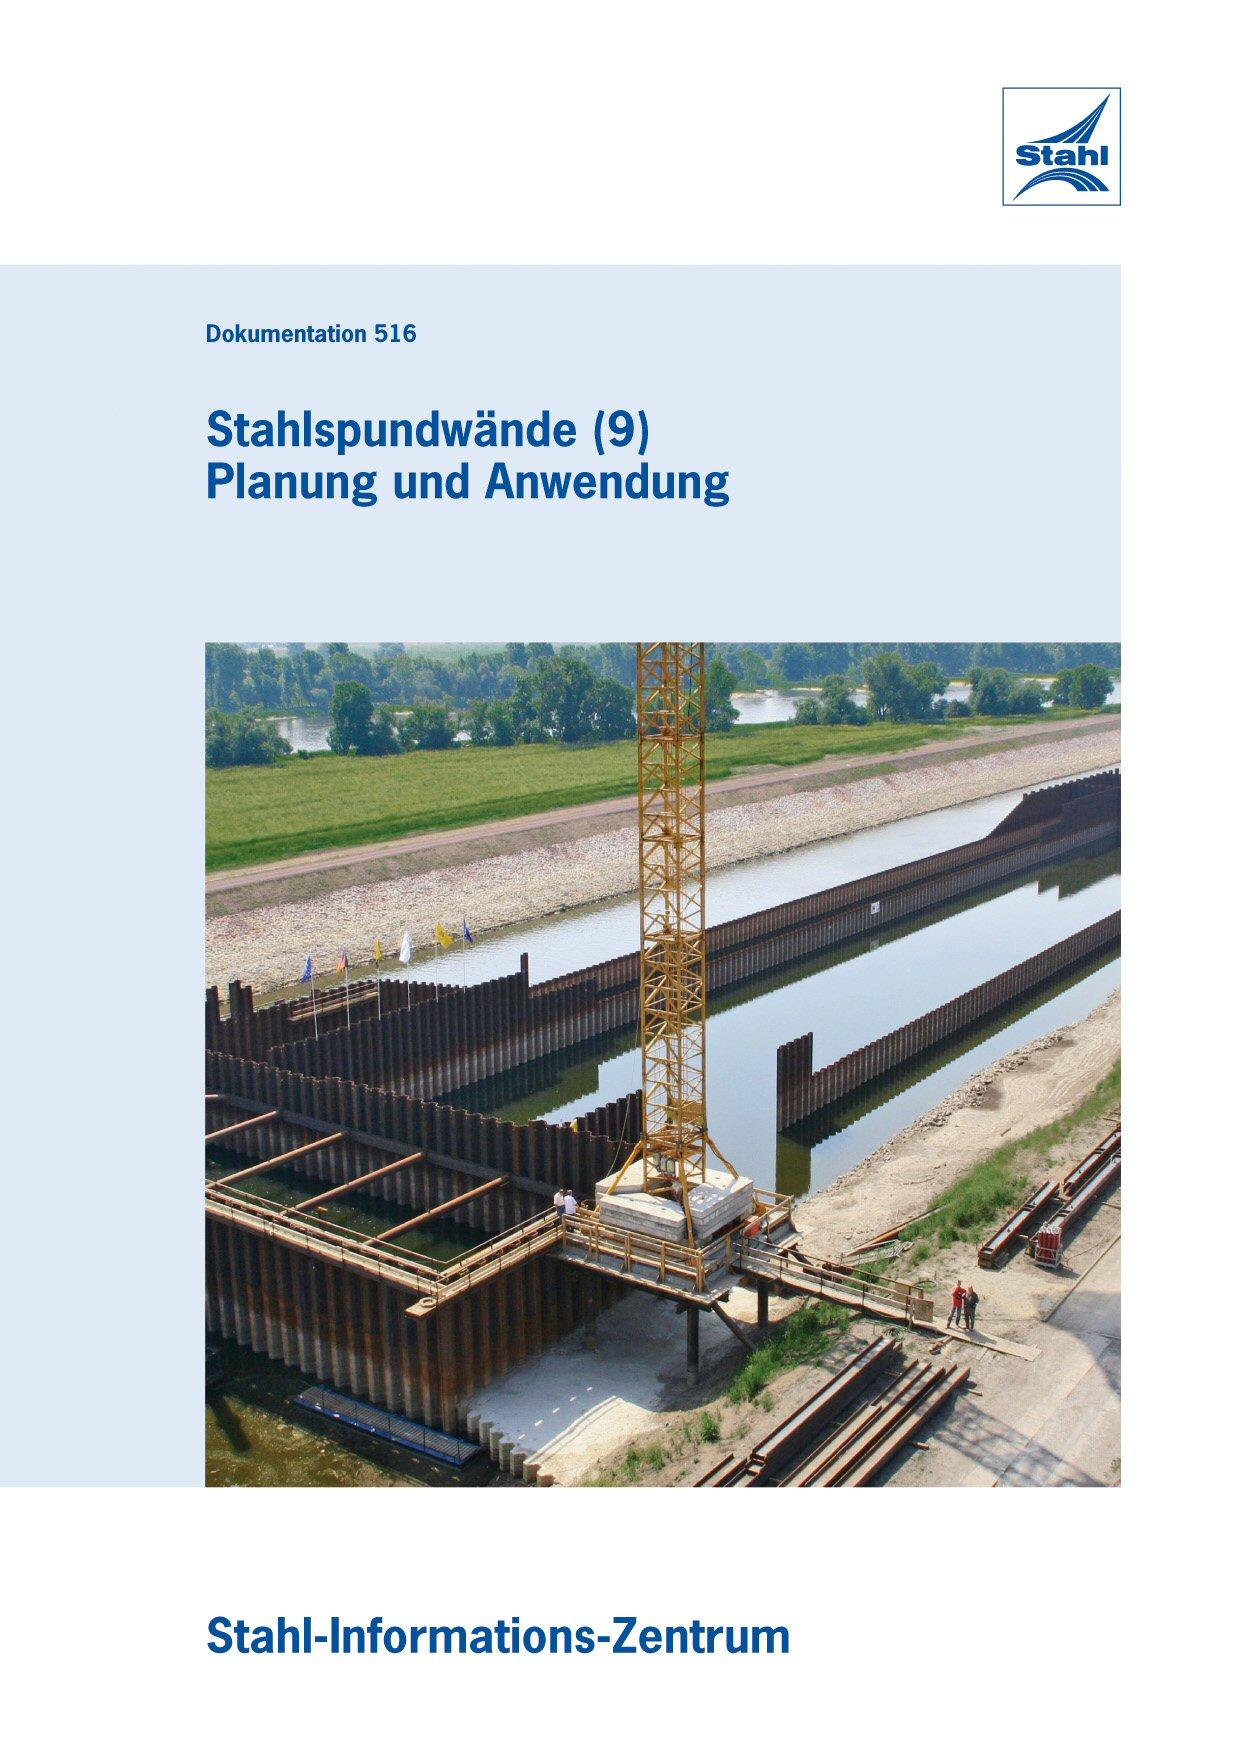 D516 Stahlspundwände (9) – Planung und Anwendung – Teil 1